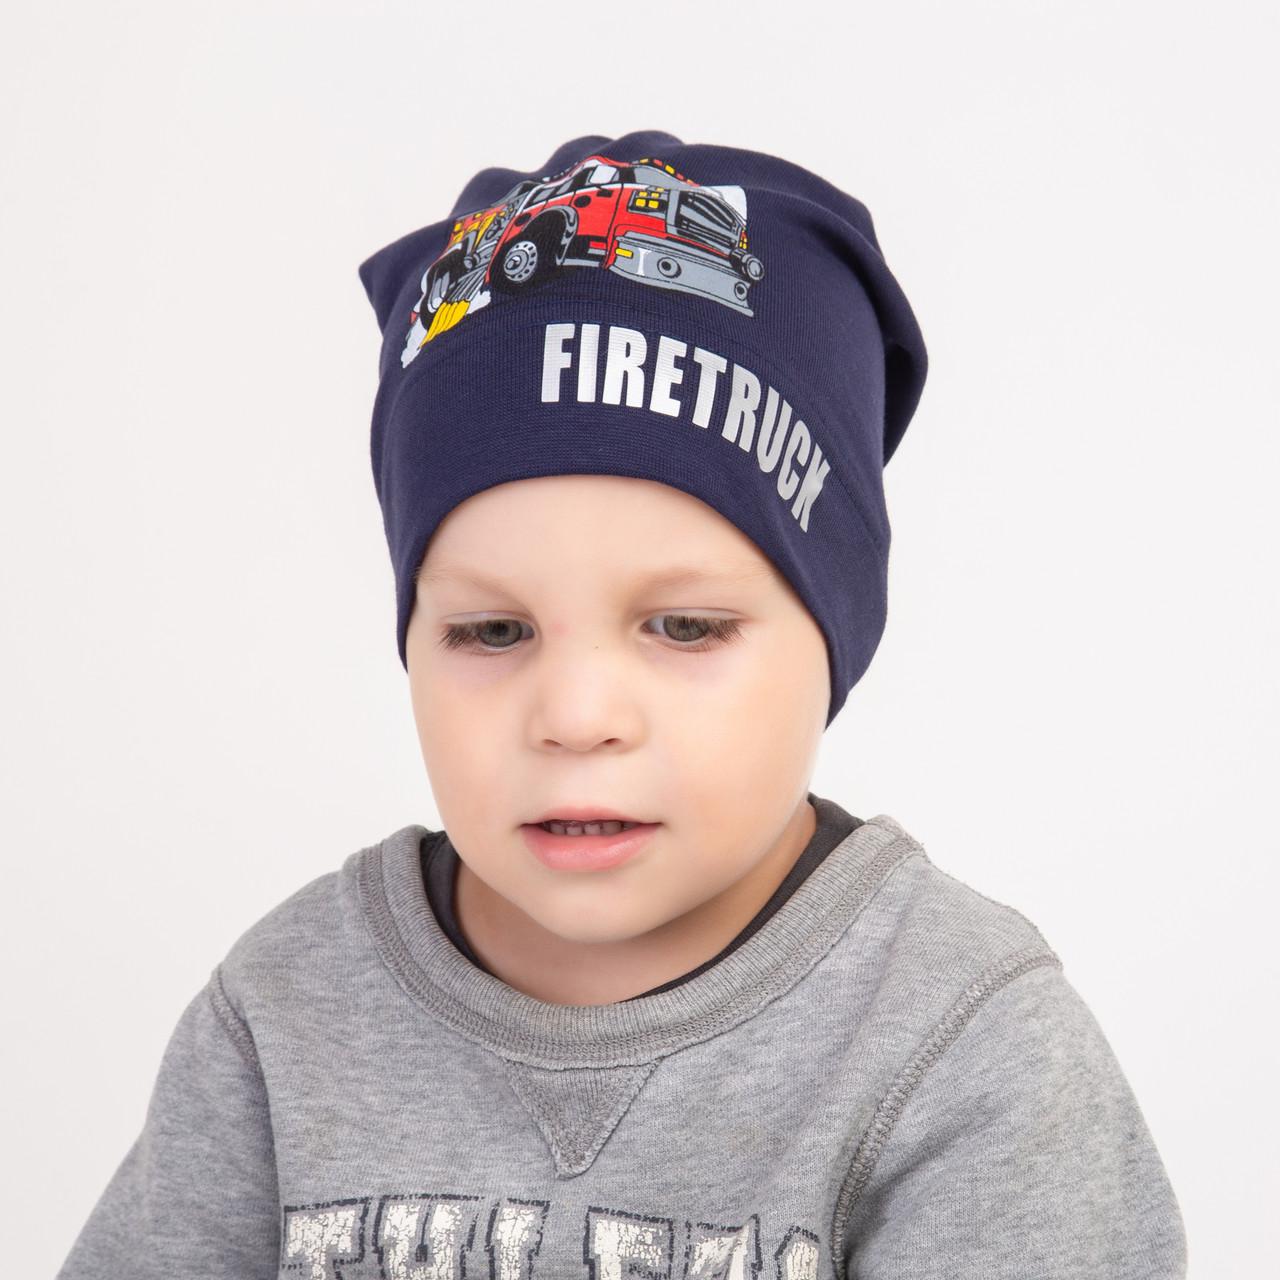 Шапка из хлопка для мальчика на весну-осень - Firetruck - Артикул 2278